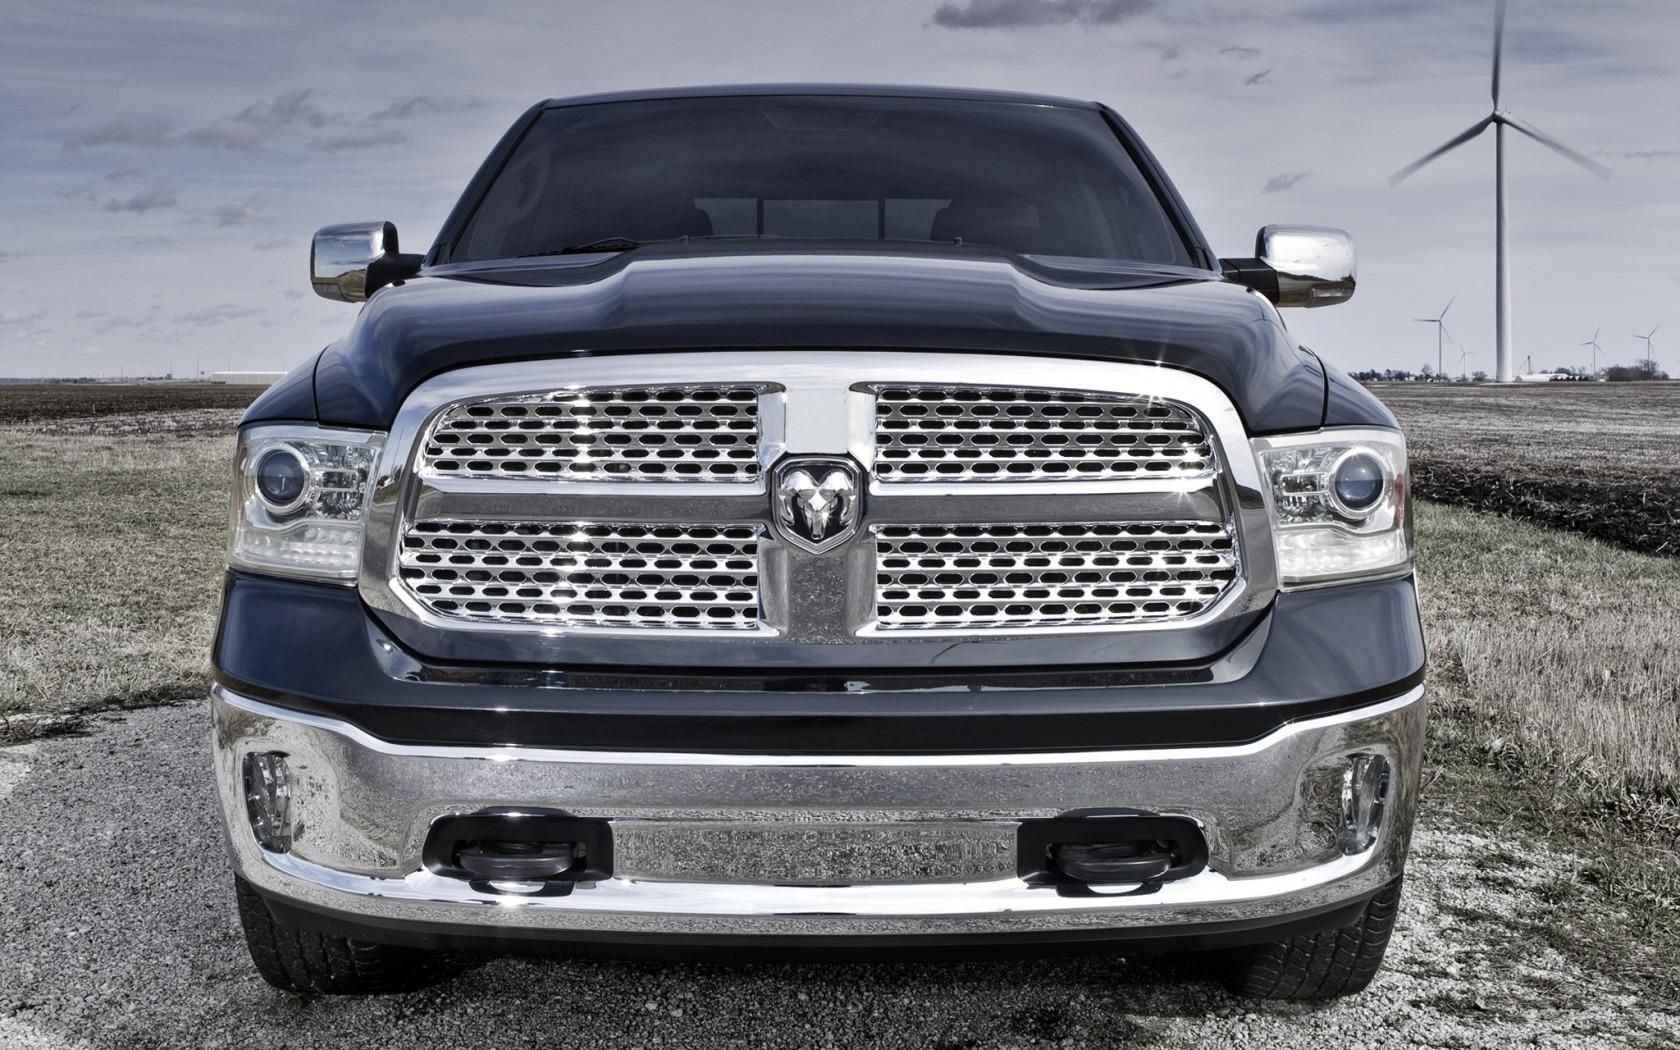 Wallpaper Dodge Ram 1500 Laramie Crew Cab Pickup Suv 2012 Quad